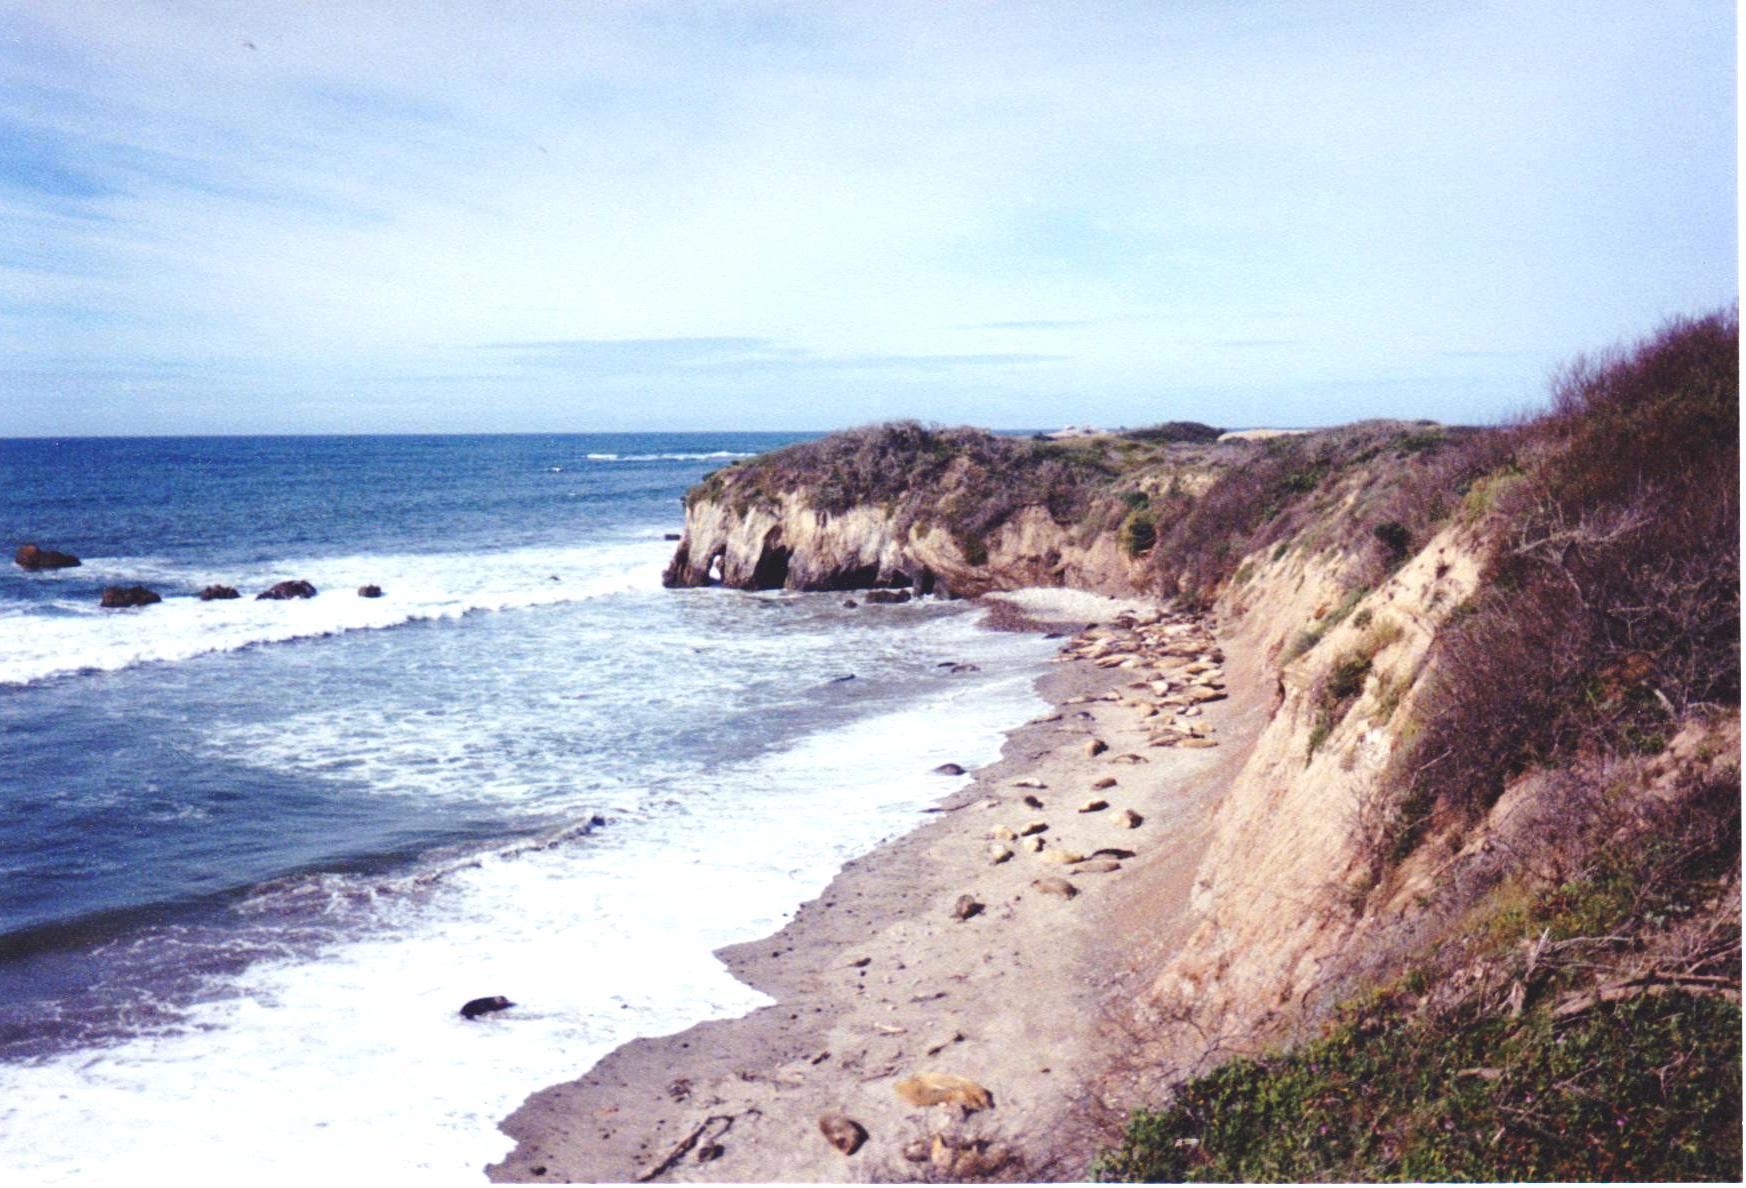 Beach with Seals Spring Break Road Trip.jpg